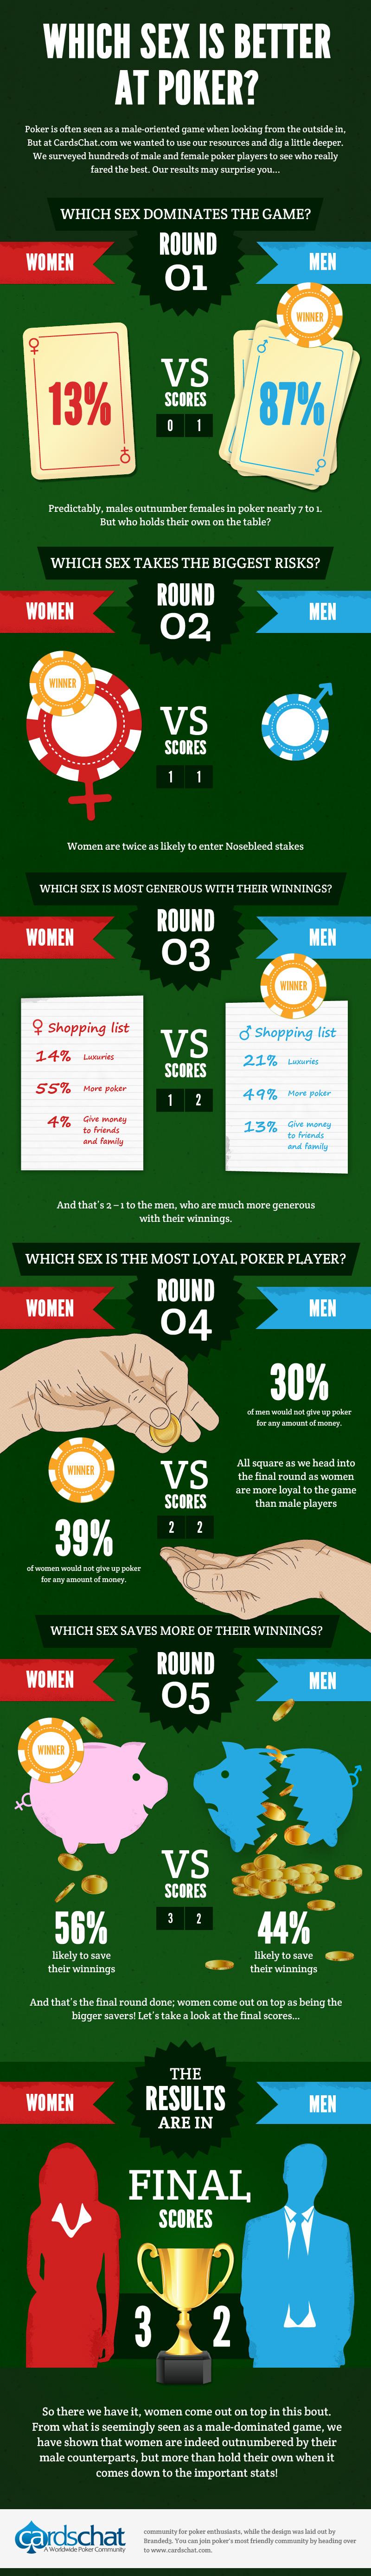 Men Vs Women on poker table